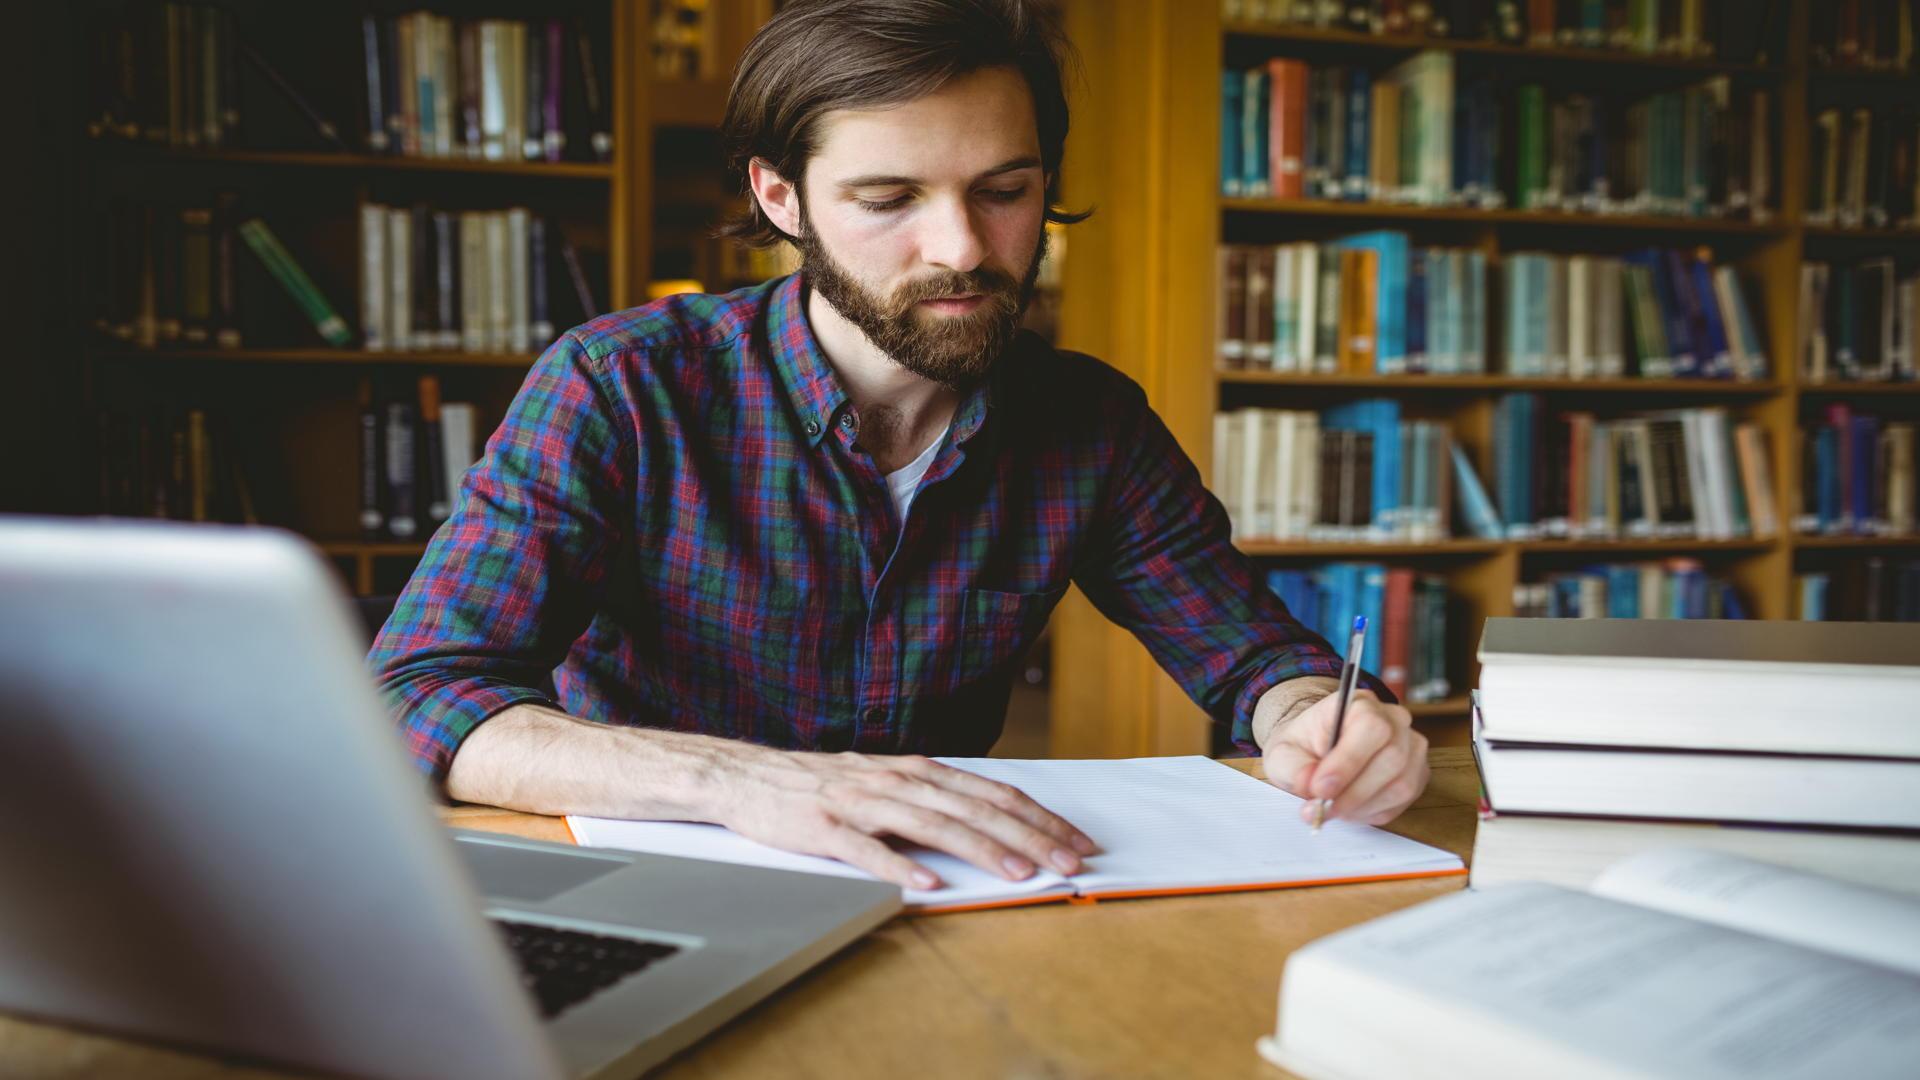 איך כותבים דיון לעבודה סמינריונית?